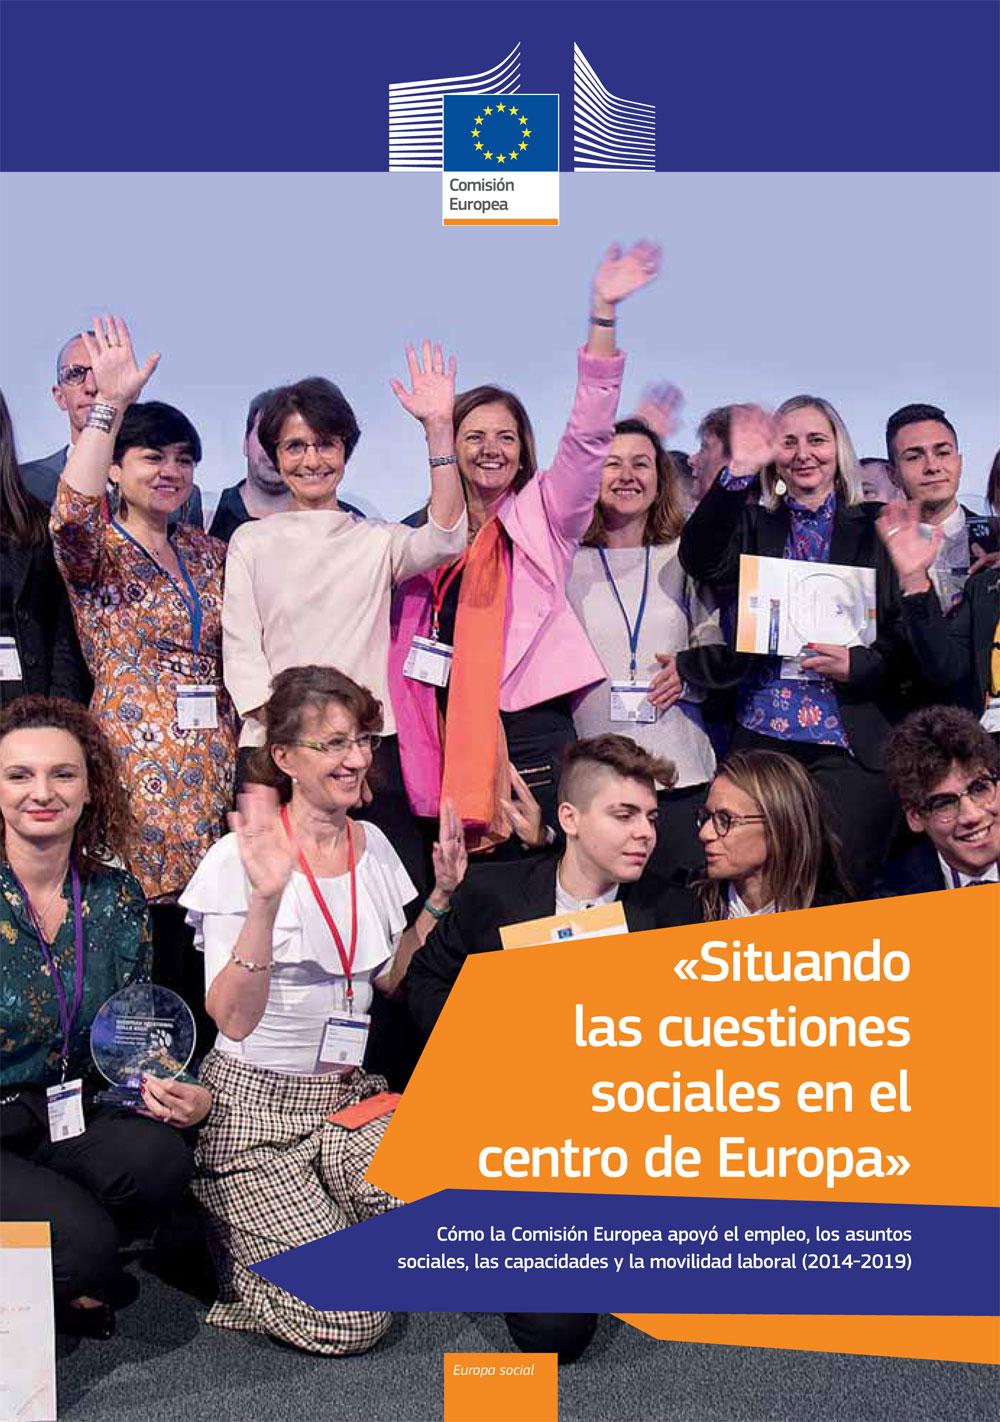 Situando las cuestiones sociales en el centro de Europa